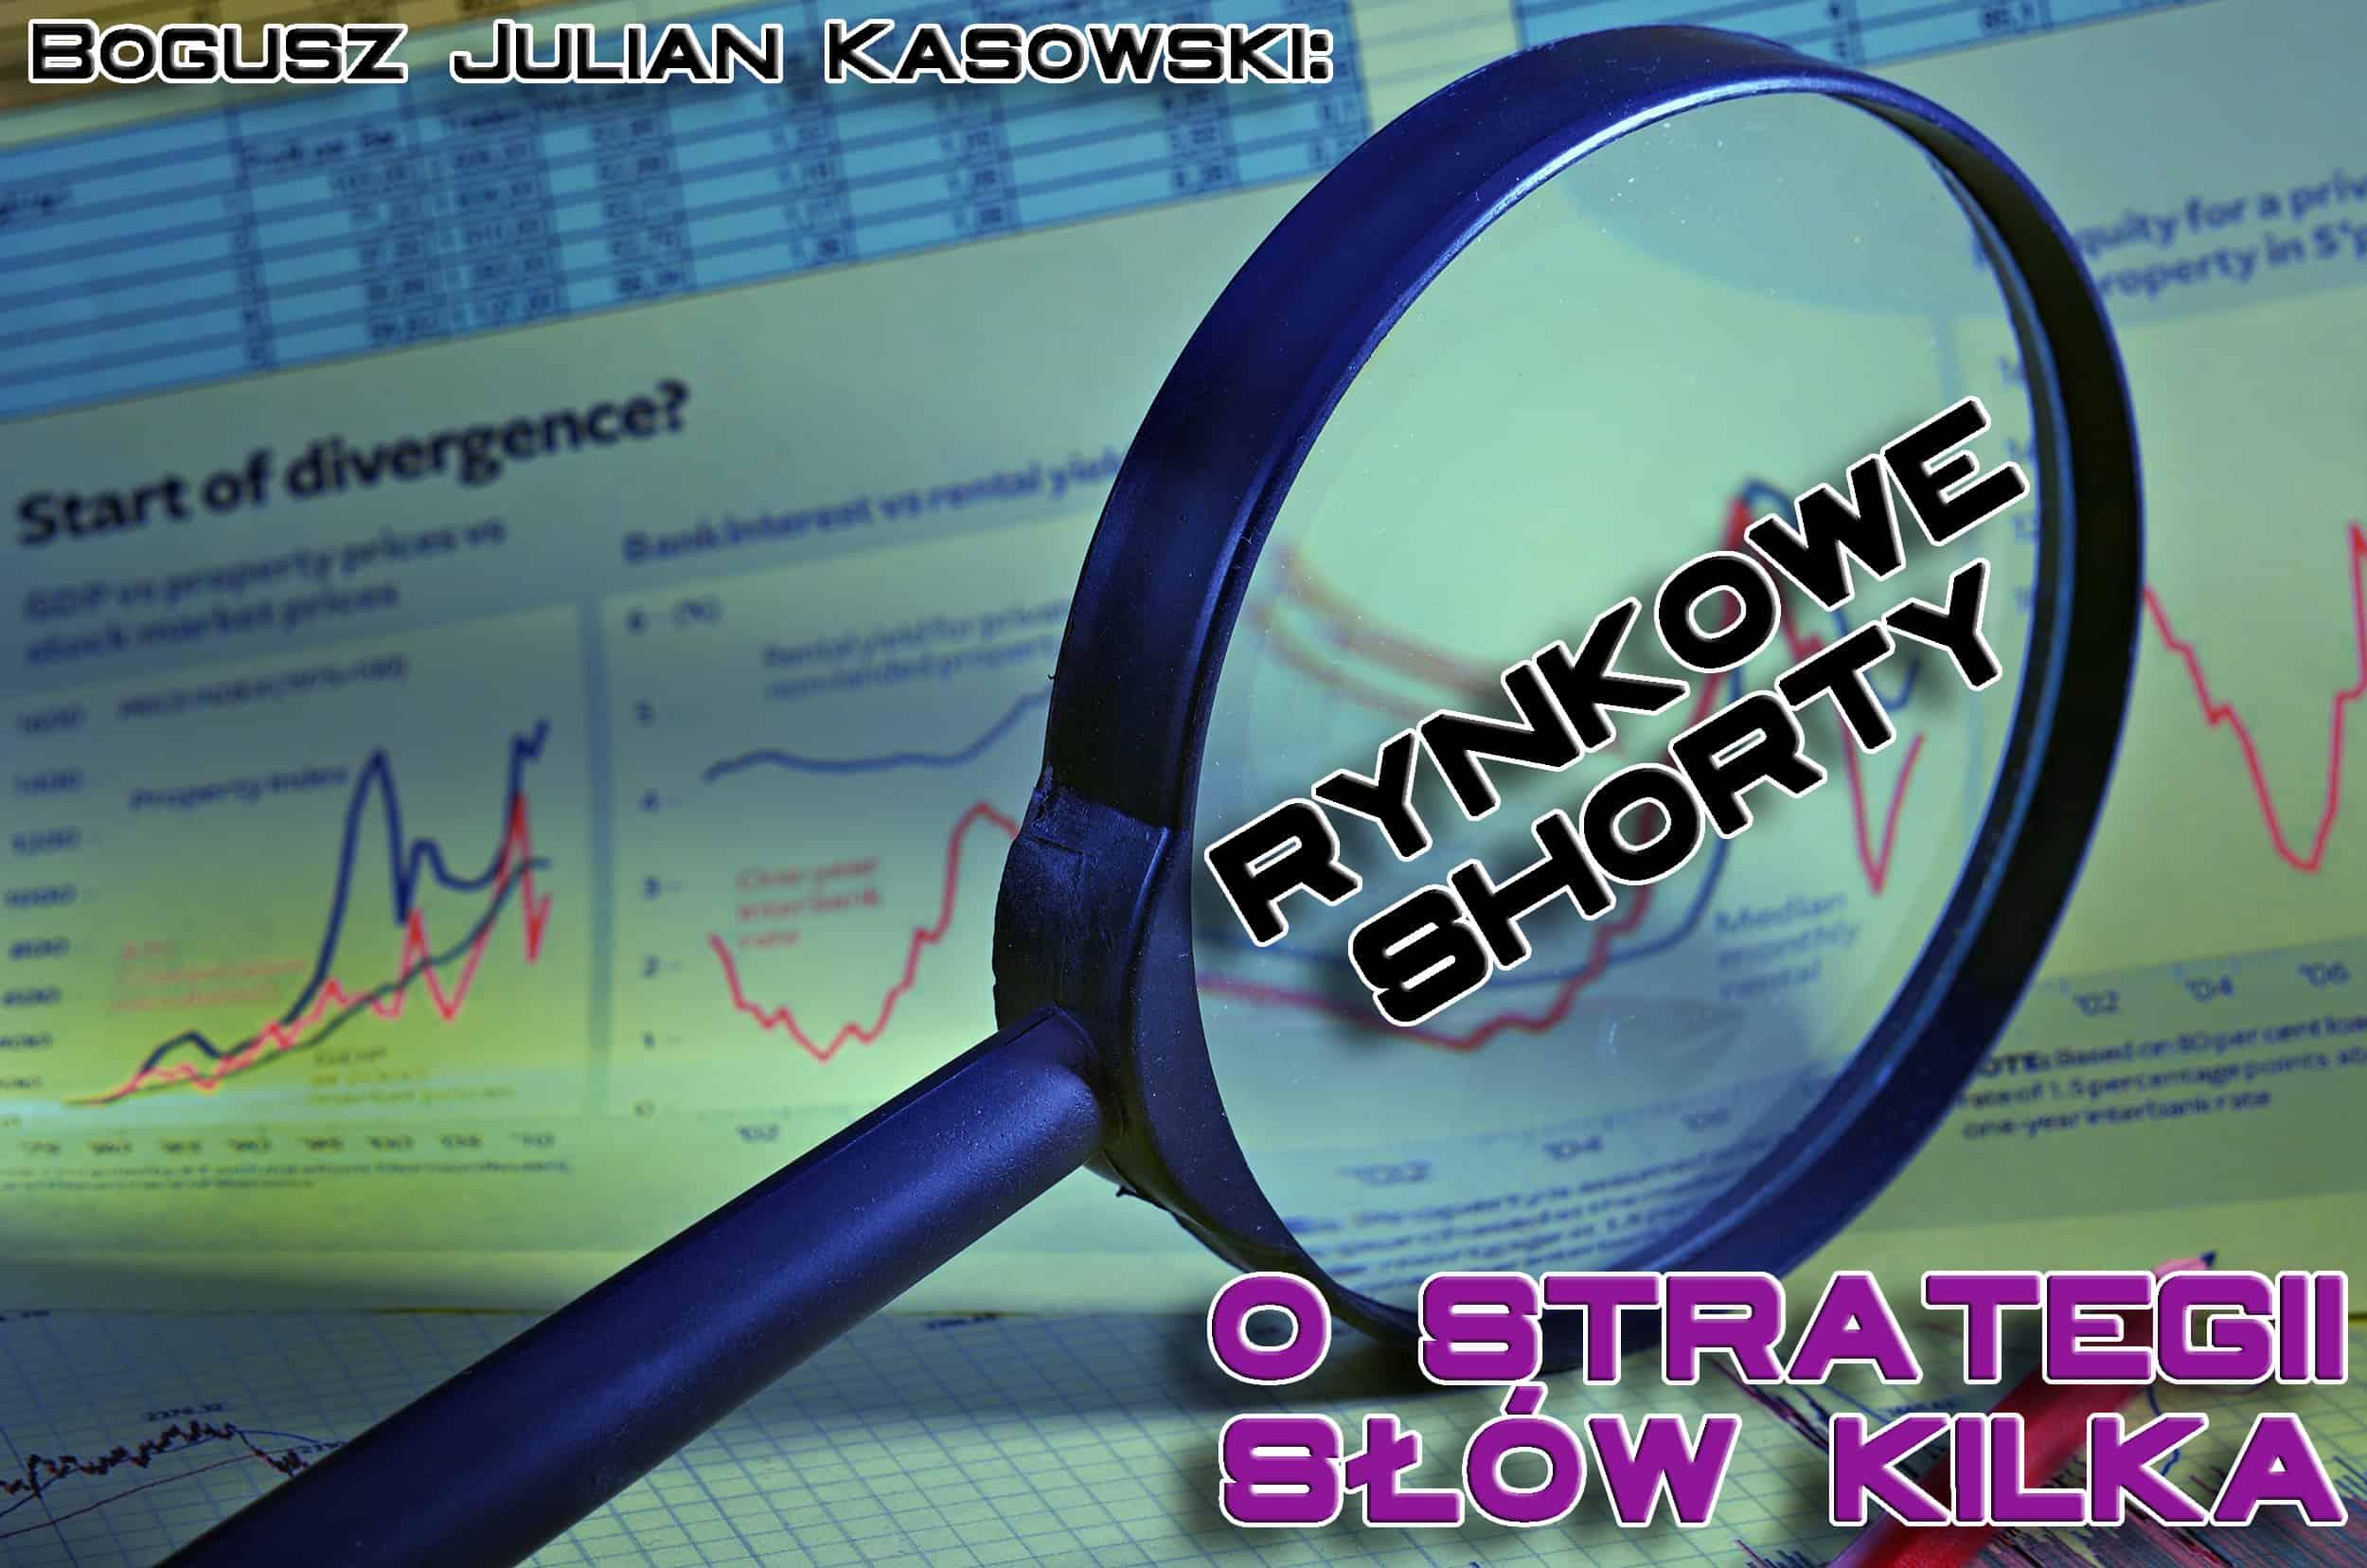 rynkowe shorty epizod 4 - o strategii słów kilka